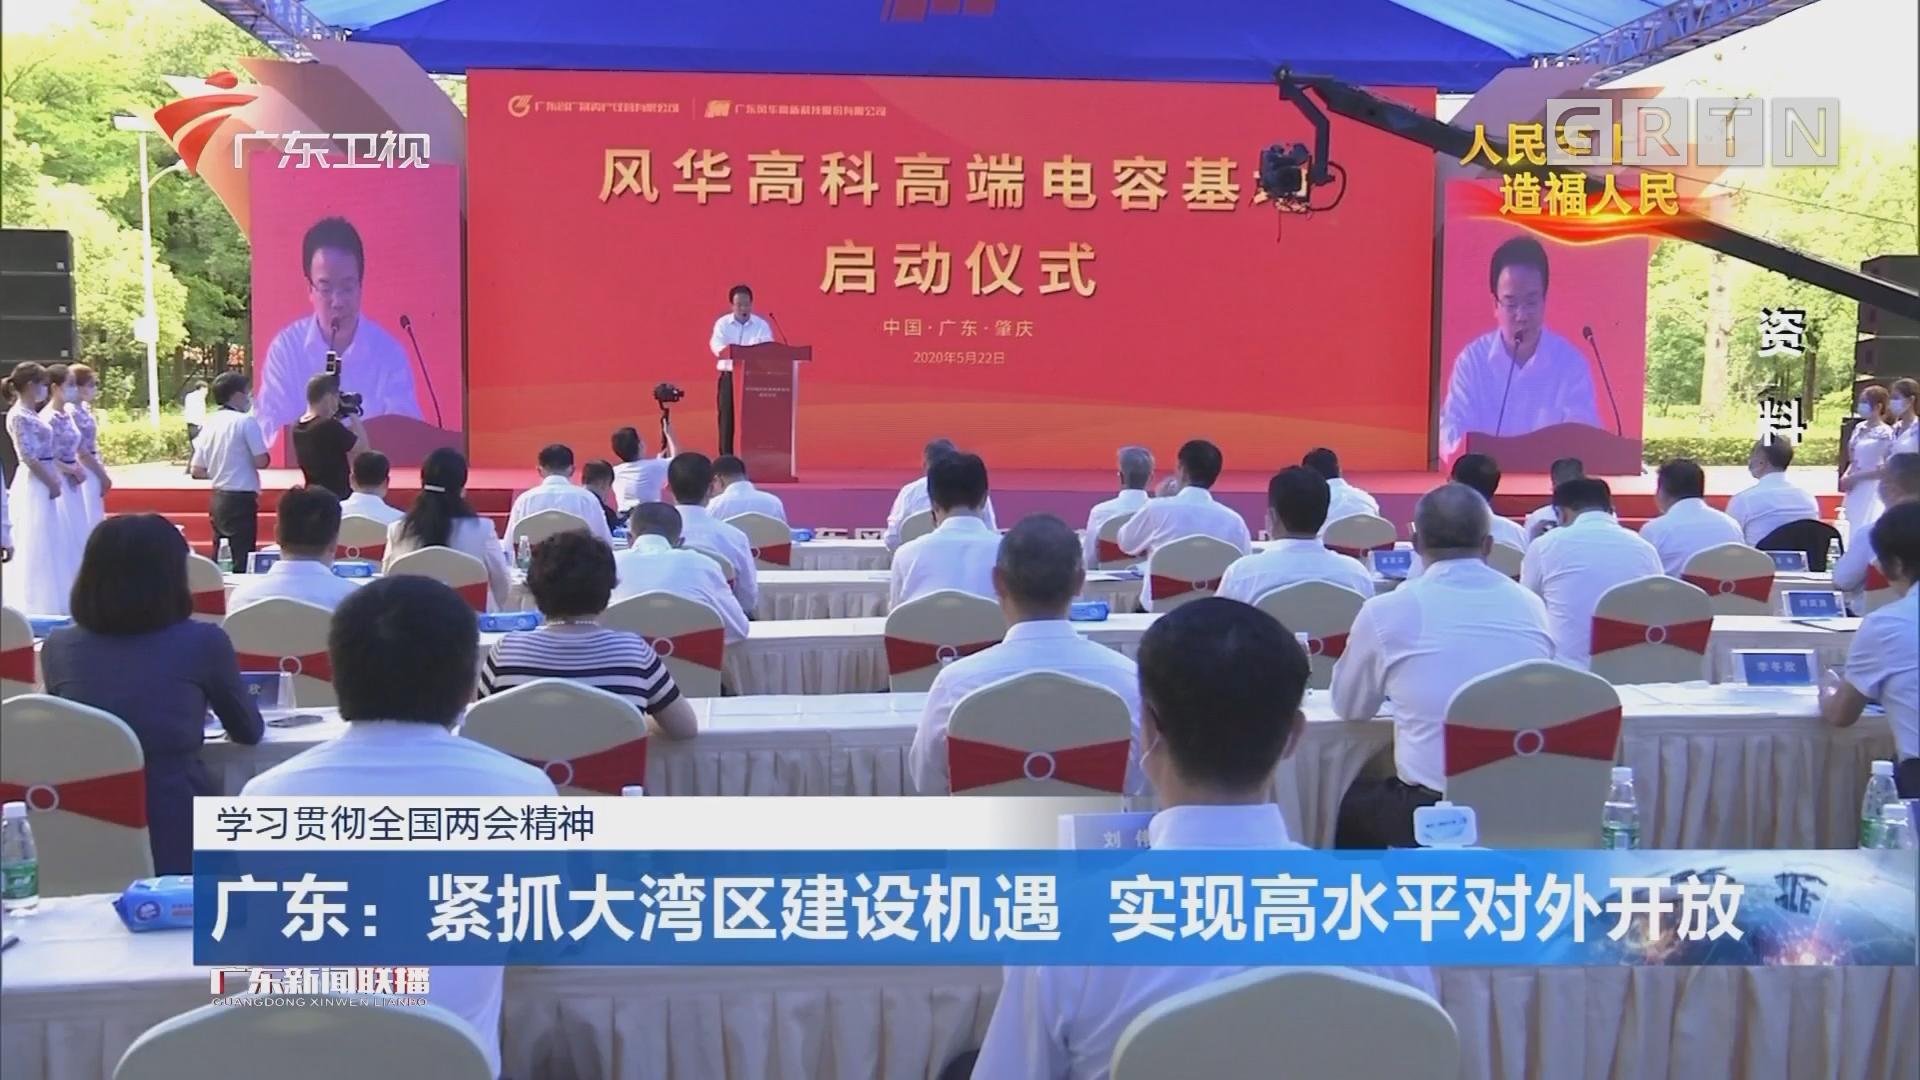 广东:紧抓大湾区建设机遇 实现高水平对外开放